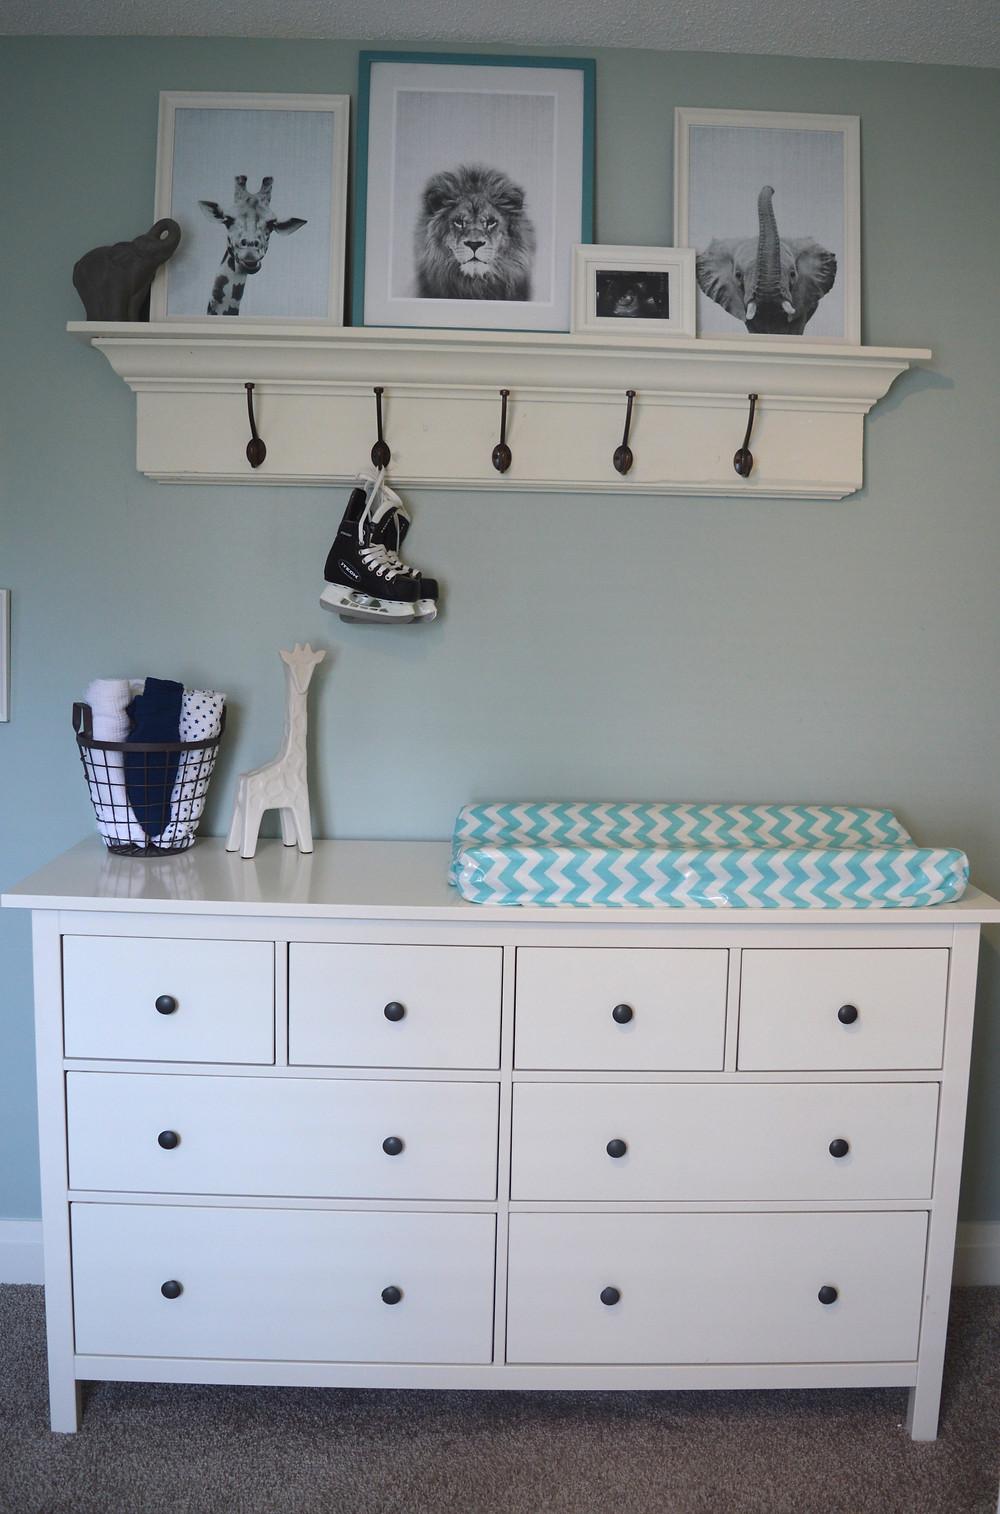 Sullivan's Nursery Bedroom Remodel Chic